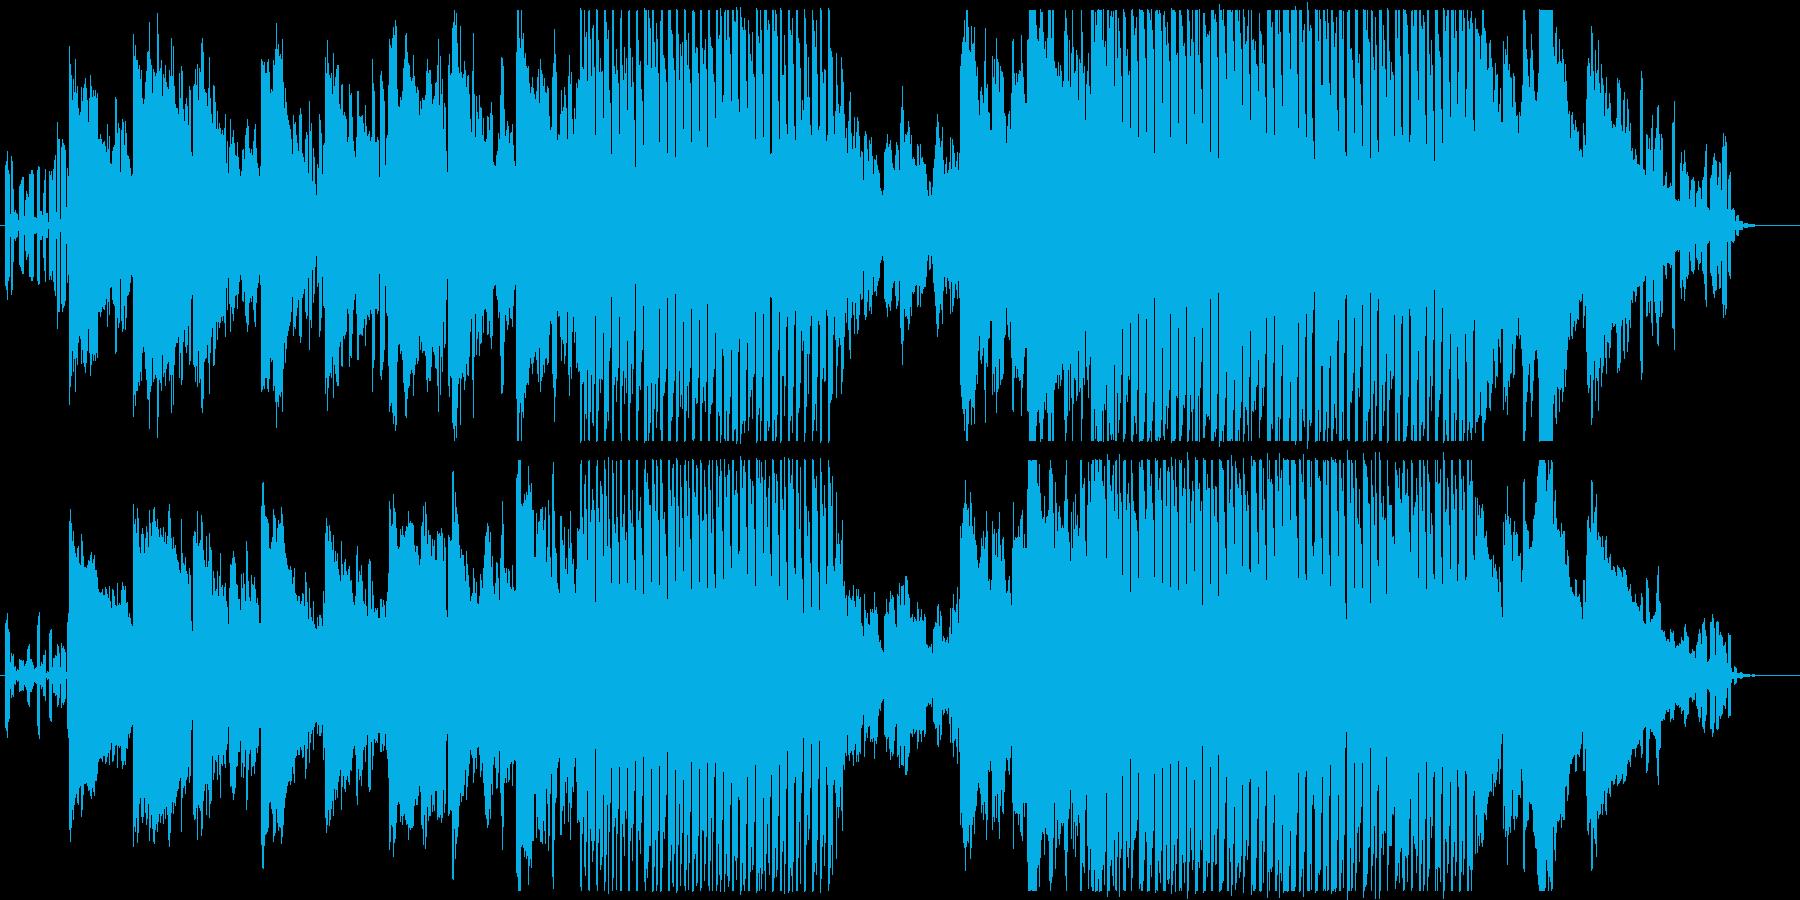 シンセやピアノ・和楽器を使用した優しい曲の再生済みの波形